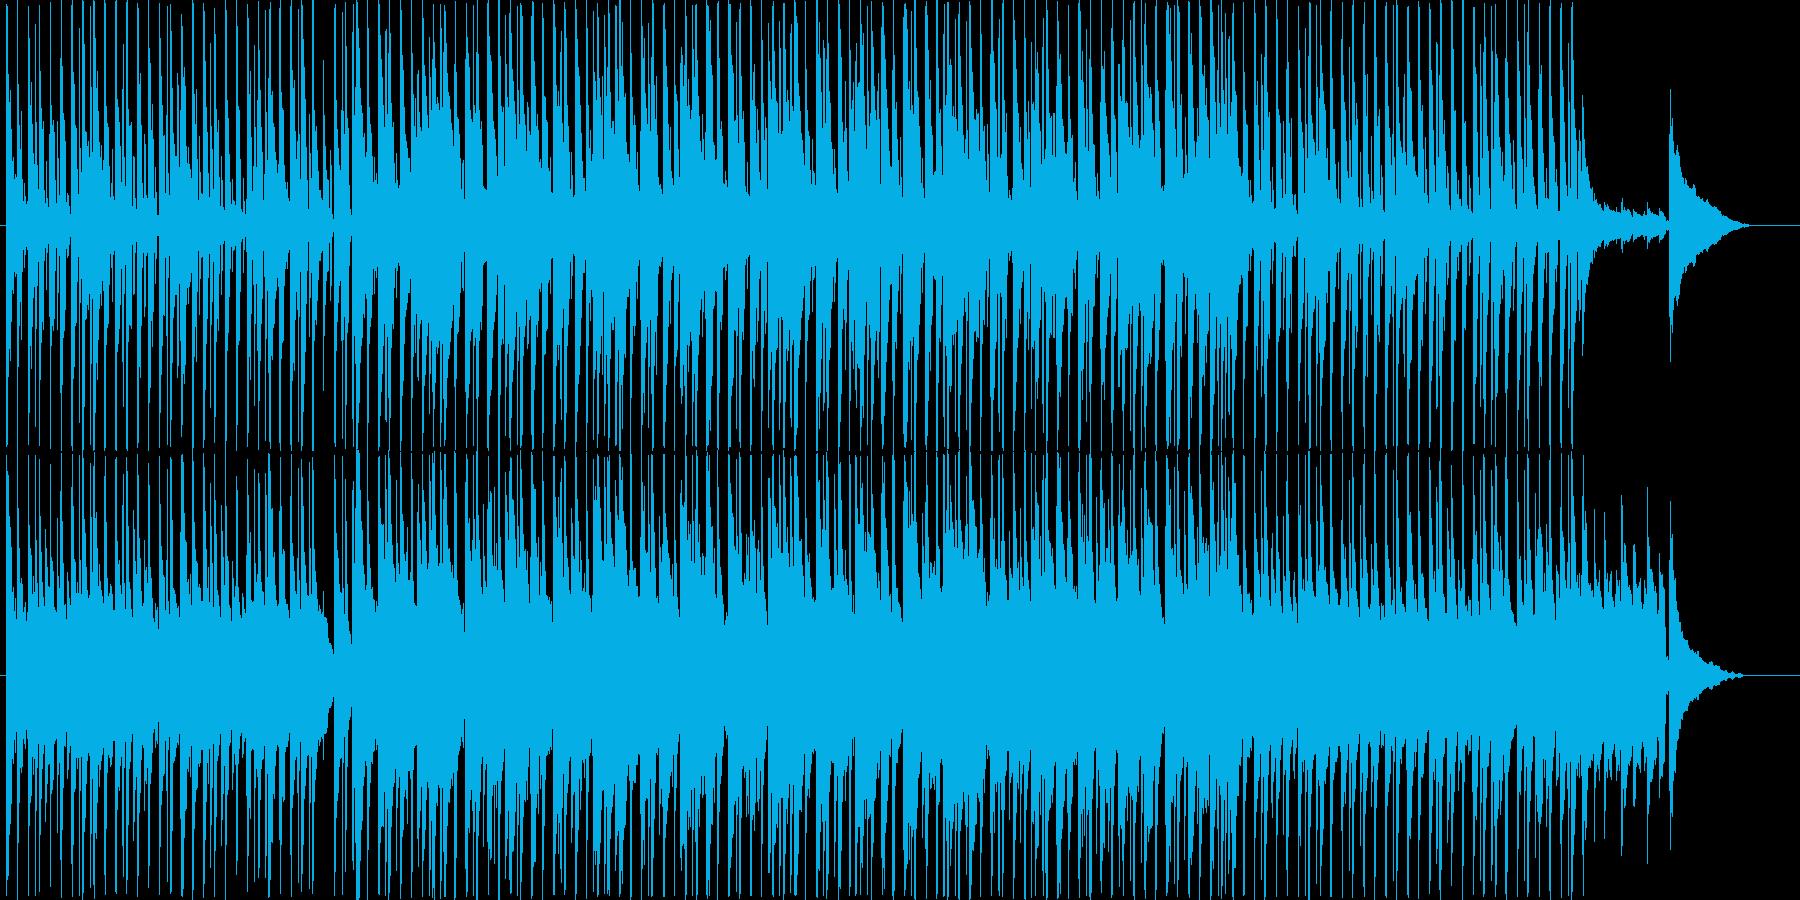 楽しい雰囲気のBGM(60ver)の再生済みの波形